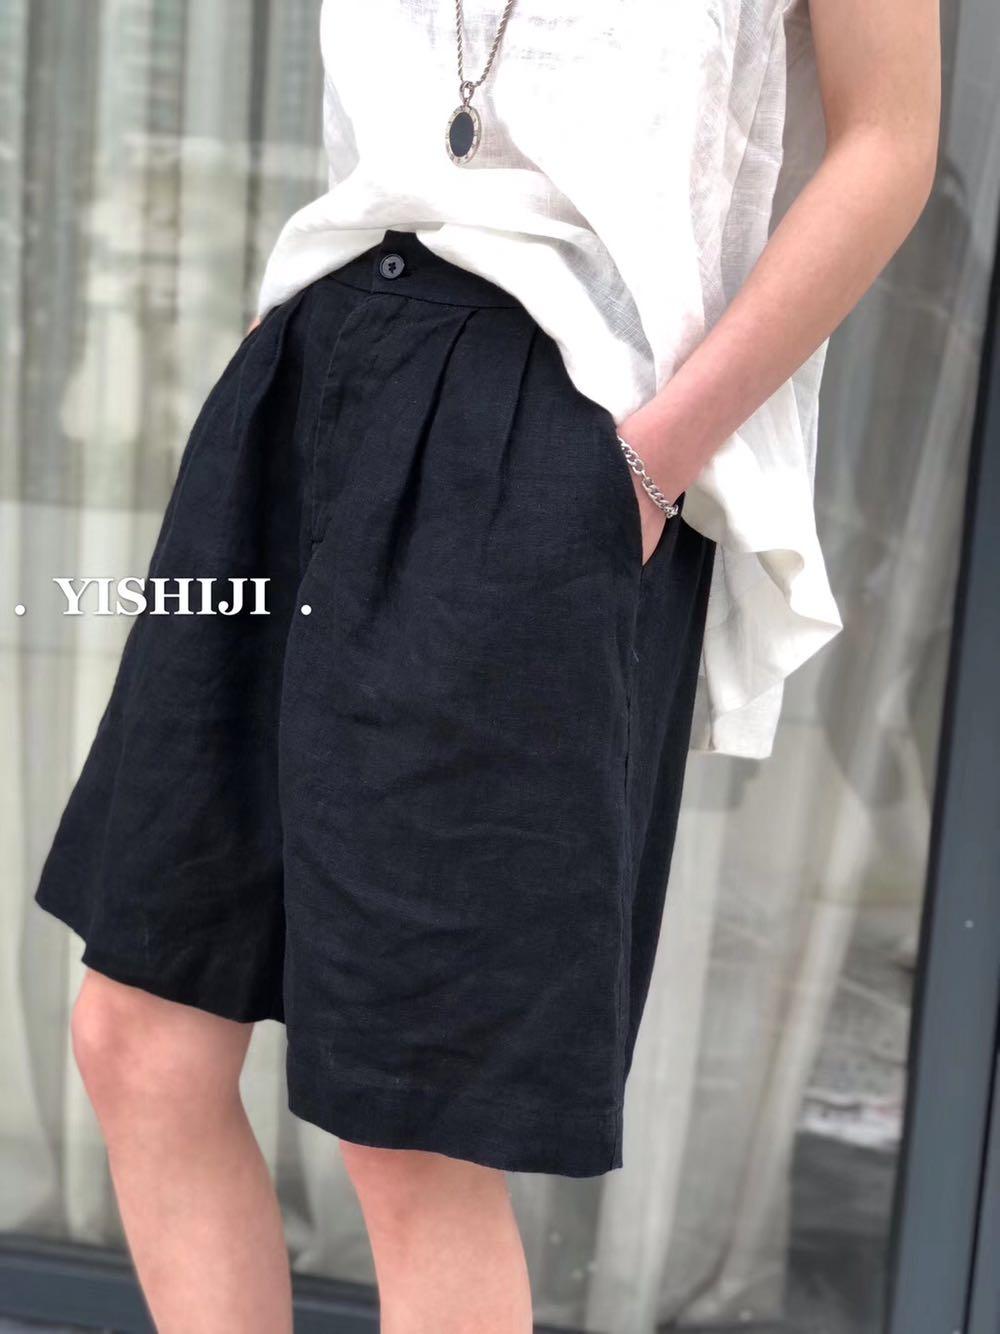 麻裤日系复古条纹工装短裤阿美咔叽情侣宽松休闲裤学生五分裤